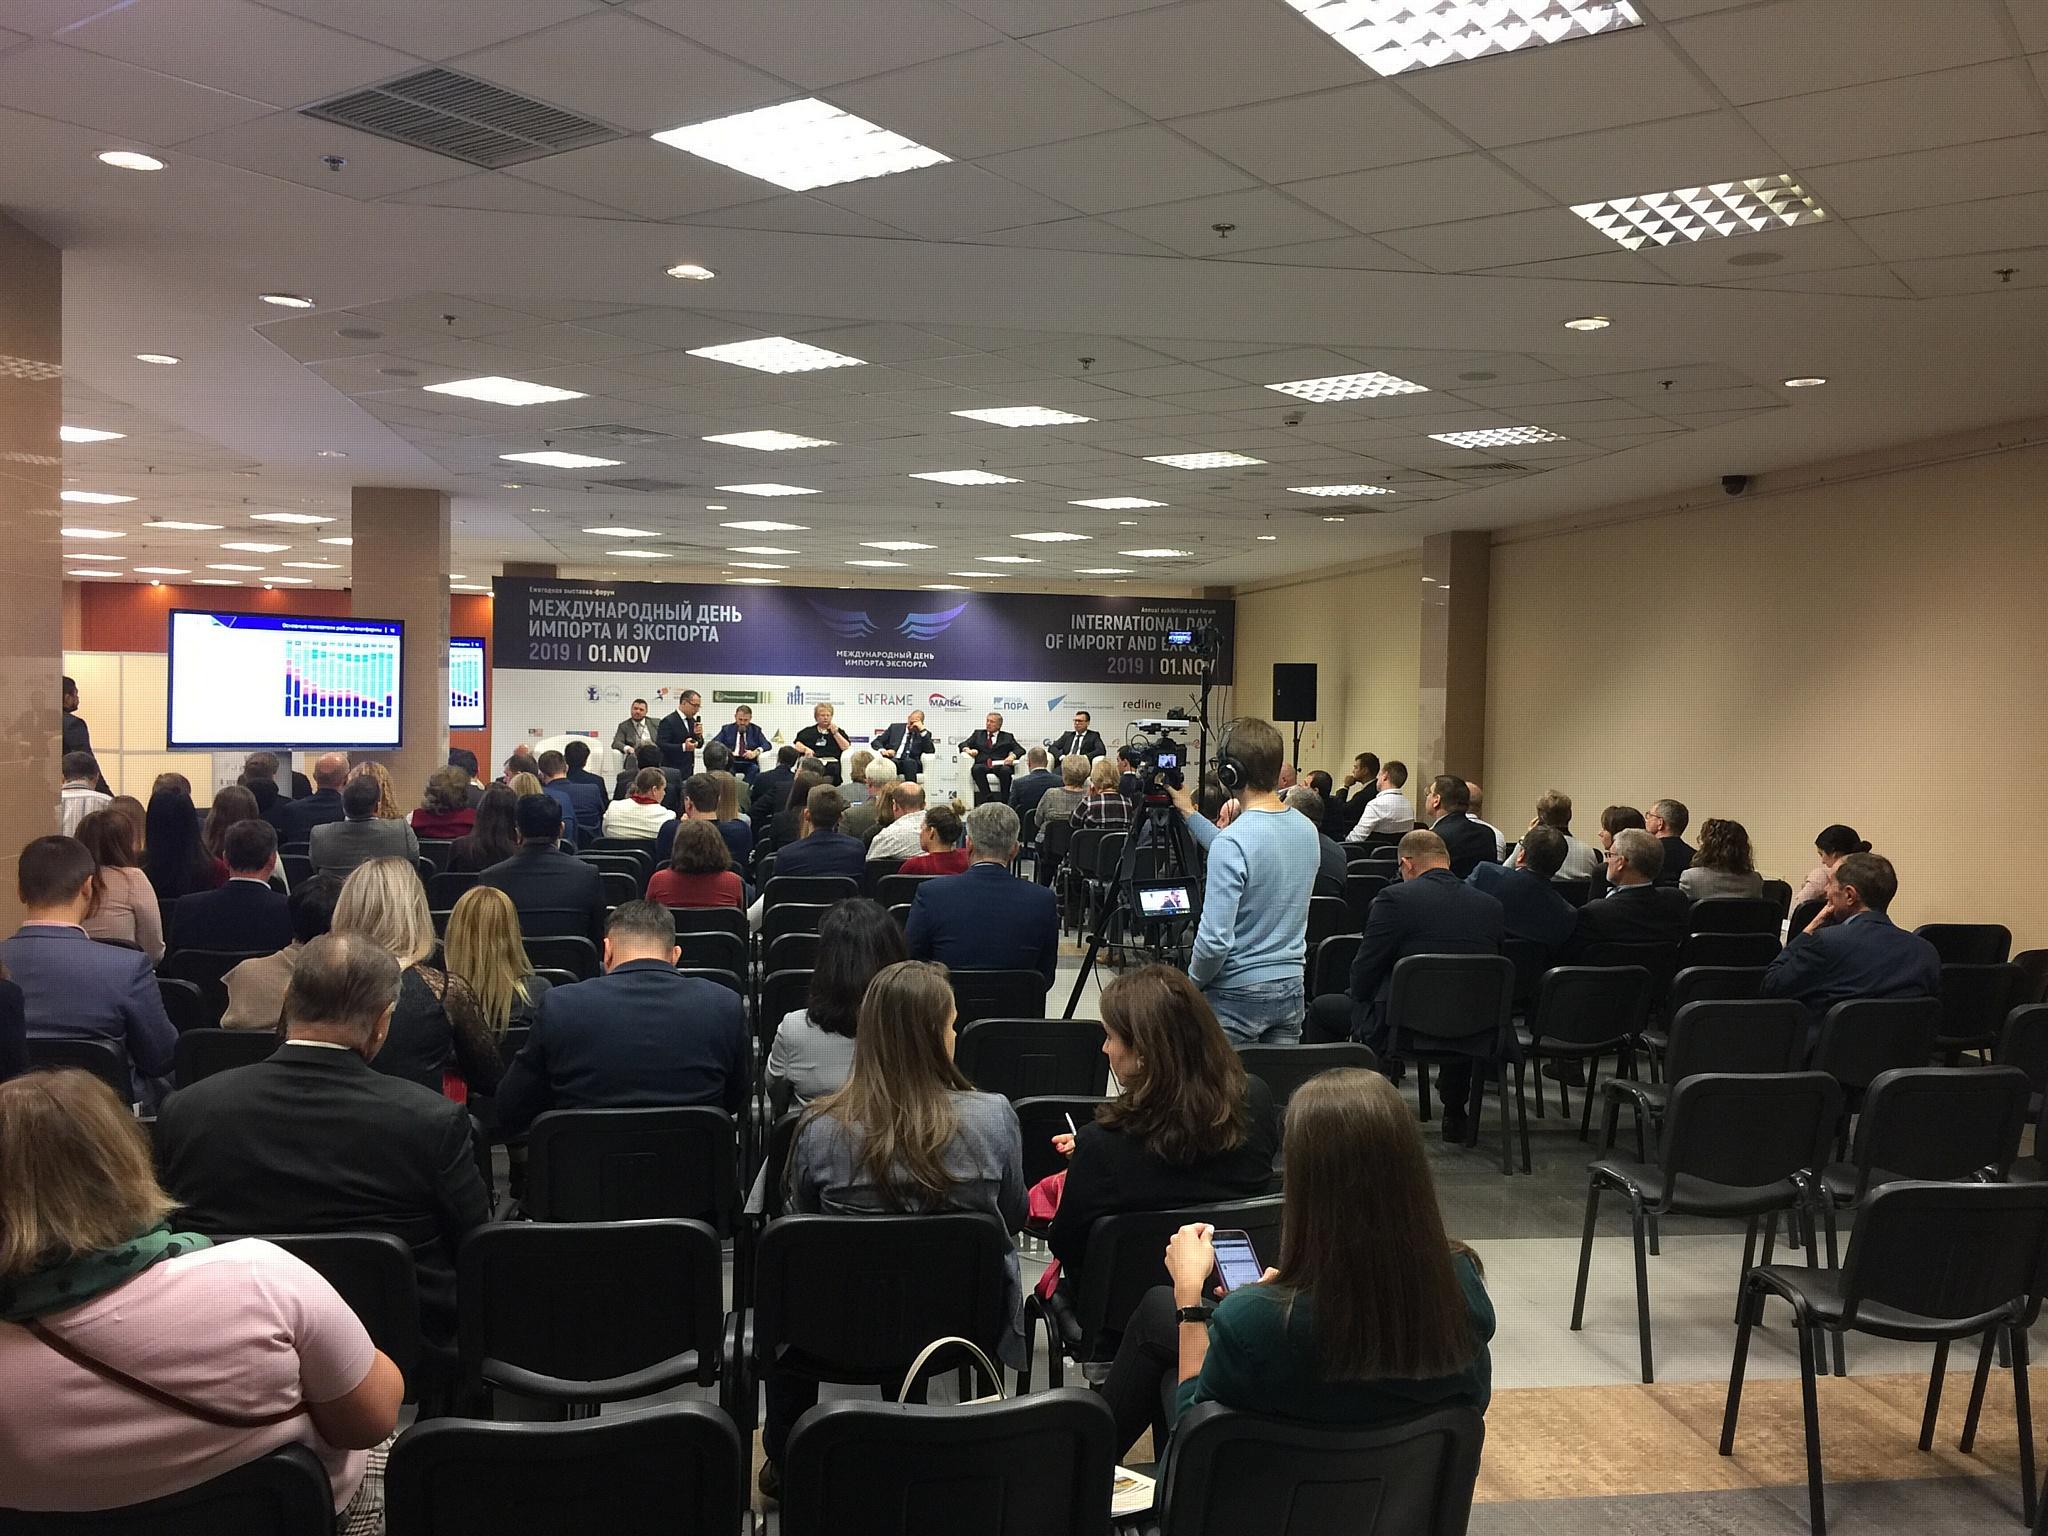 В Москве проходит Международный день импорта и экспорта